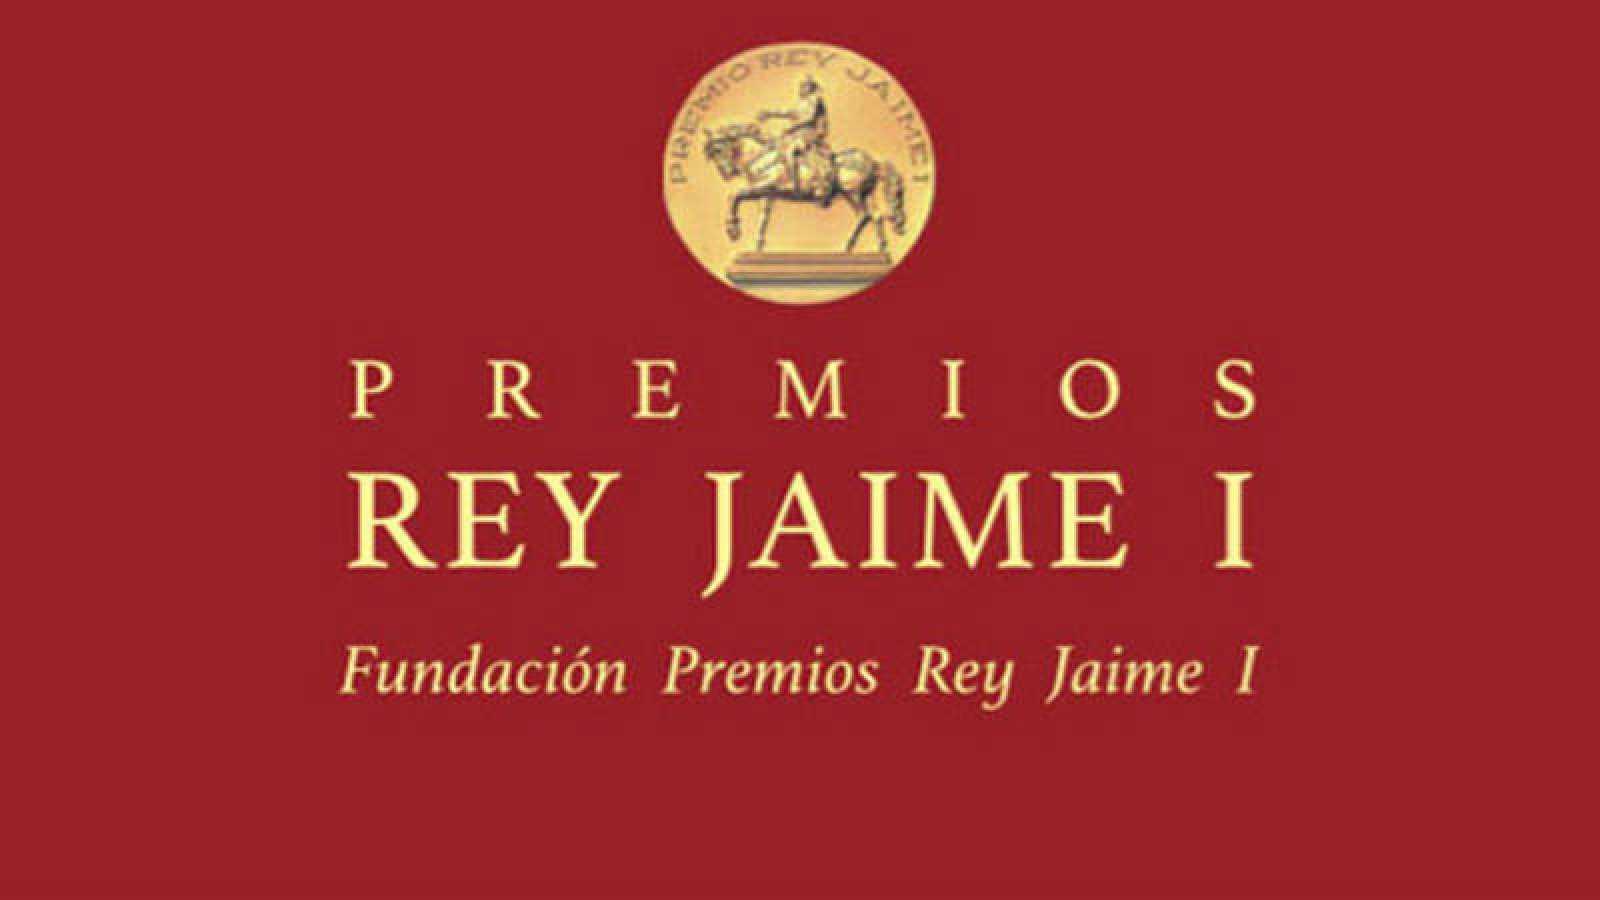 Premios Rey Jaime I 2017